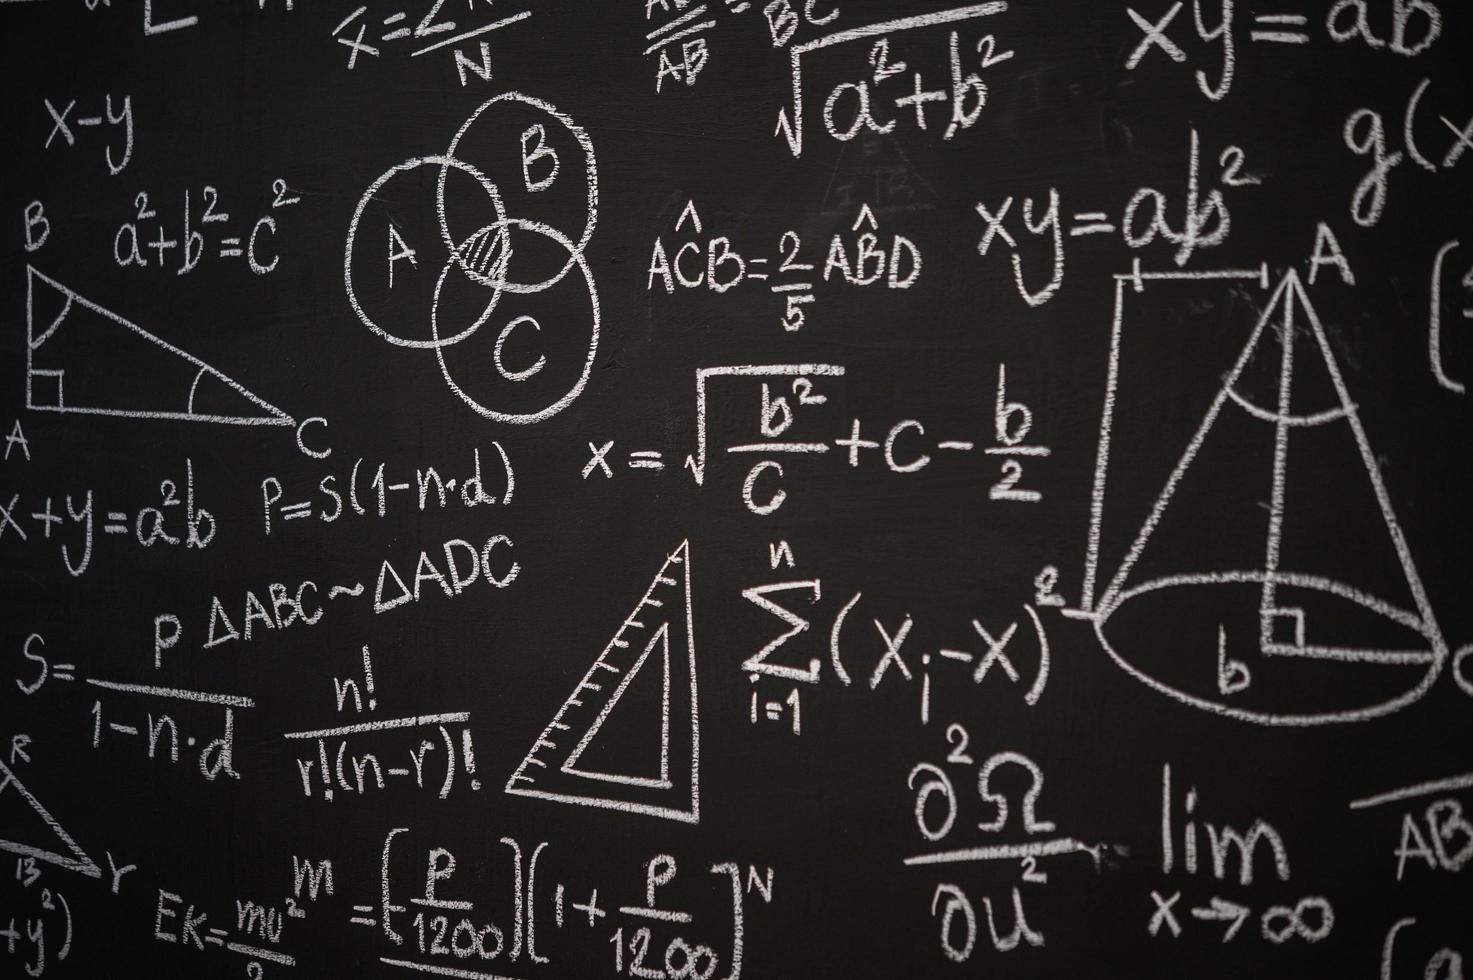 tableau noir inscrit avec des formules scientifiques et des calculs photo